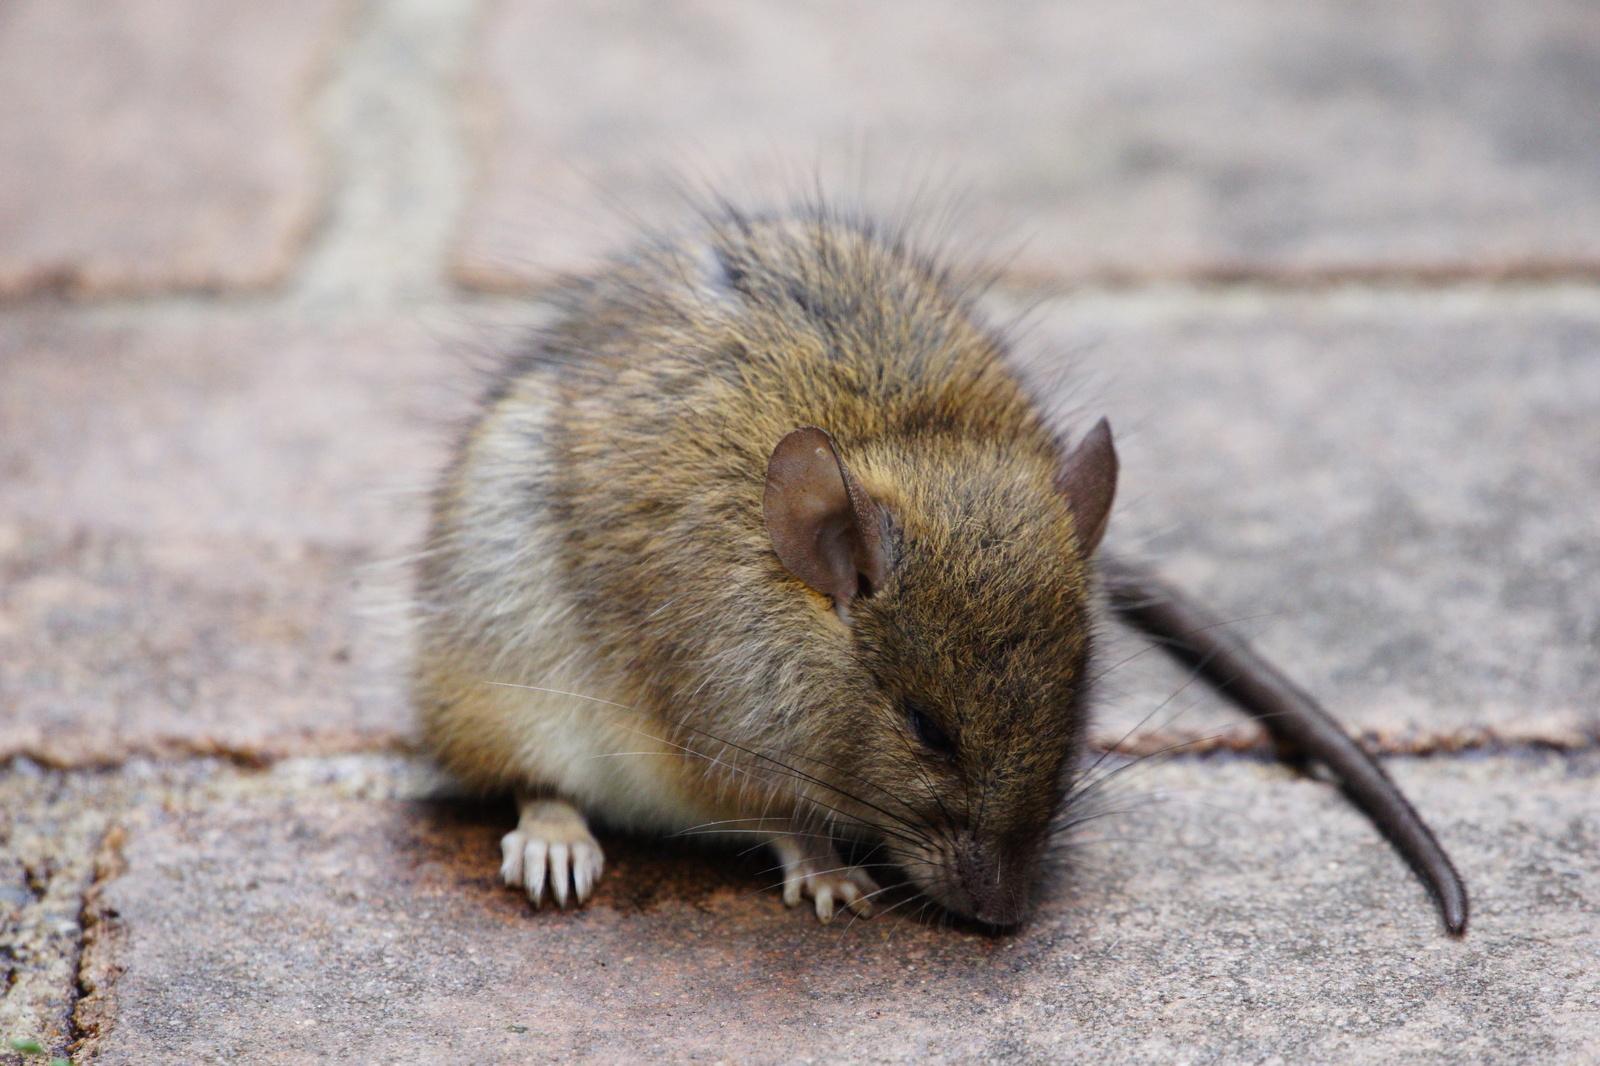 Pasisaugokite žiurkių – dėl pandemijos pasikeitė jų elgesys (vaizdo įrašas)